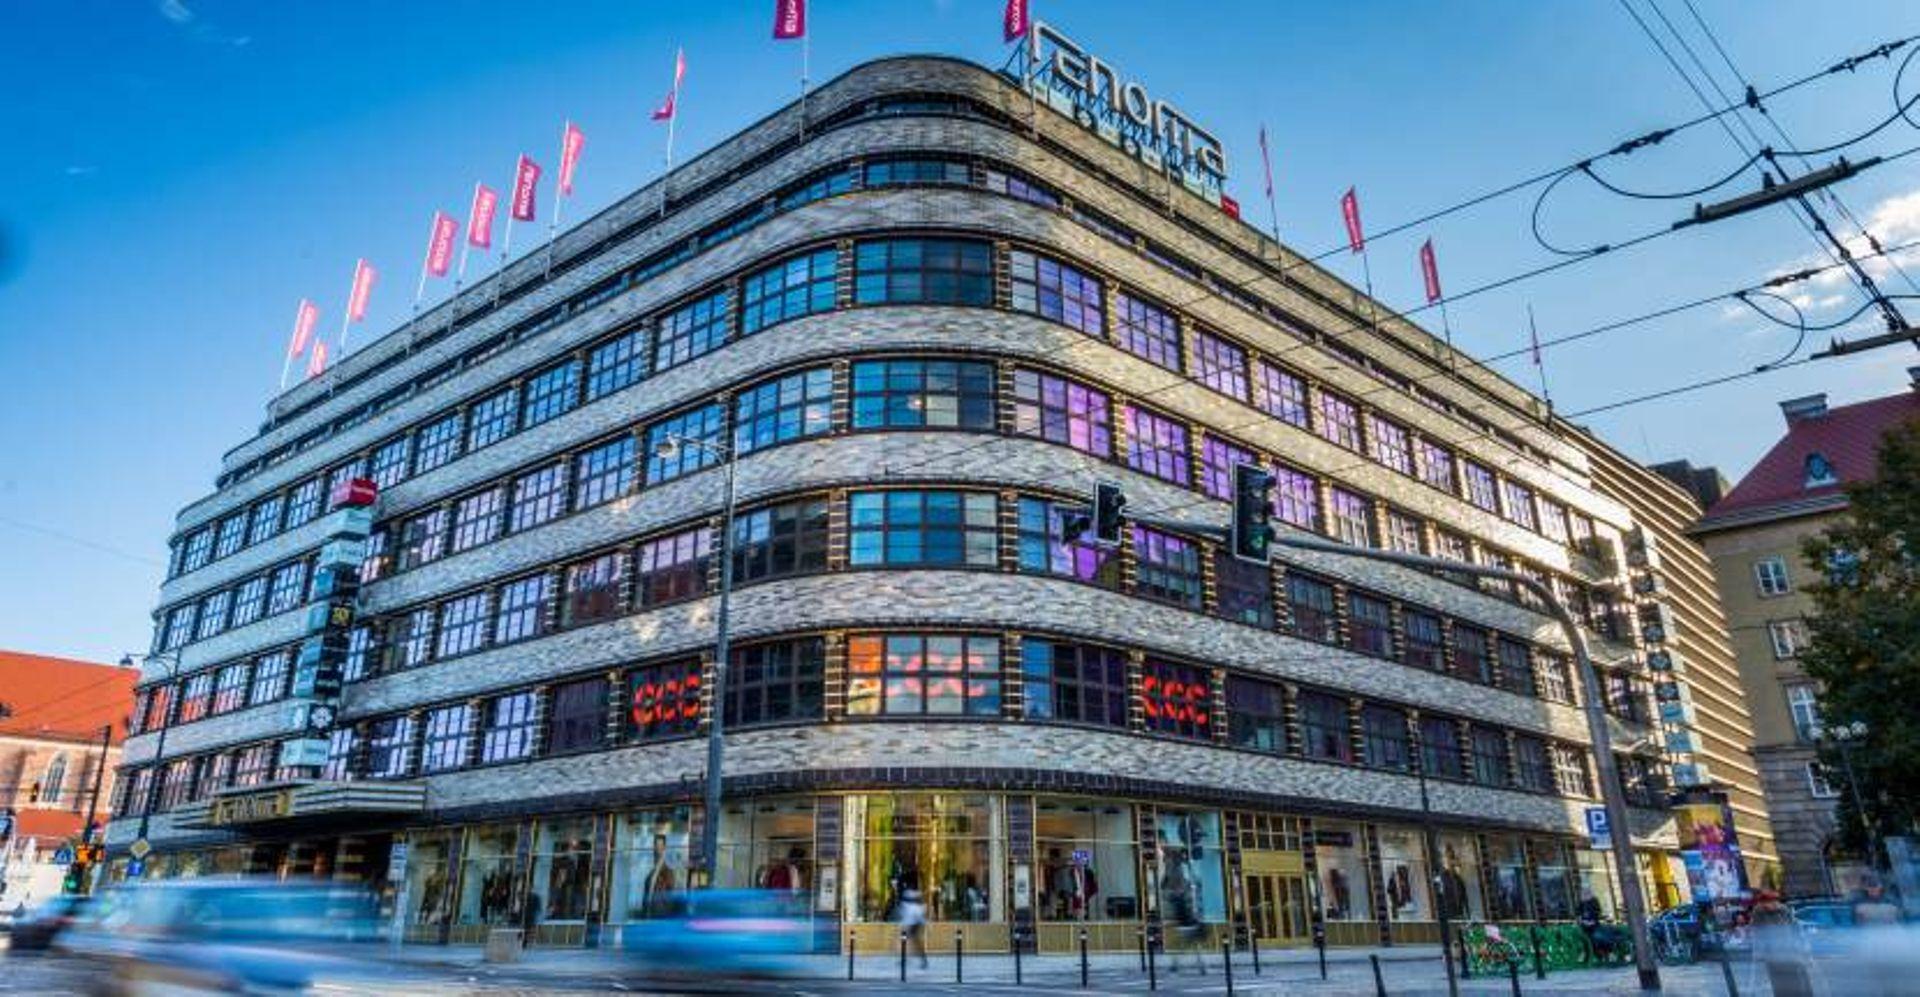 Dom Handlowy Renoma przejdzie modernizację. Będzie więcej biur a mniej sklepów